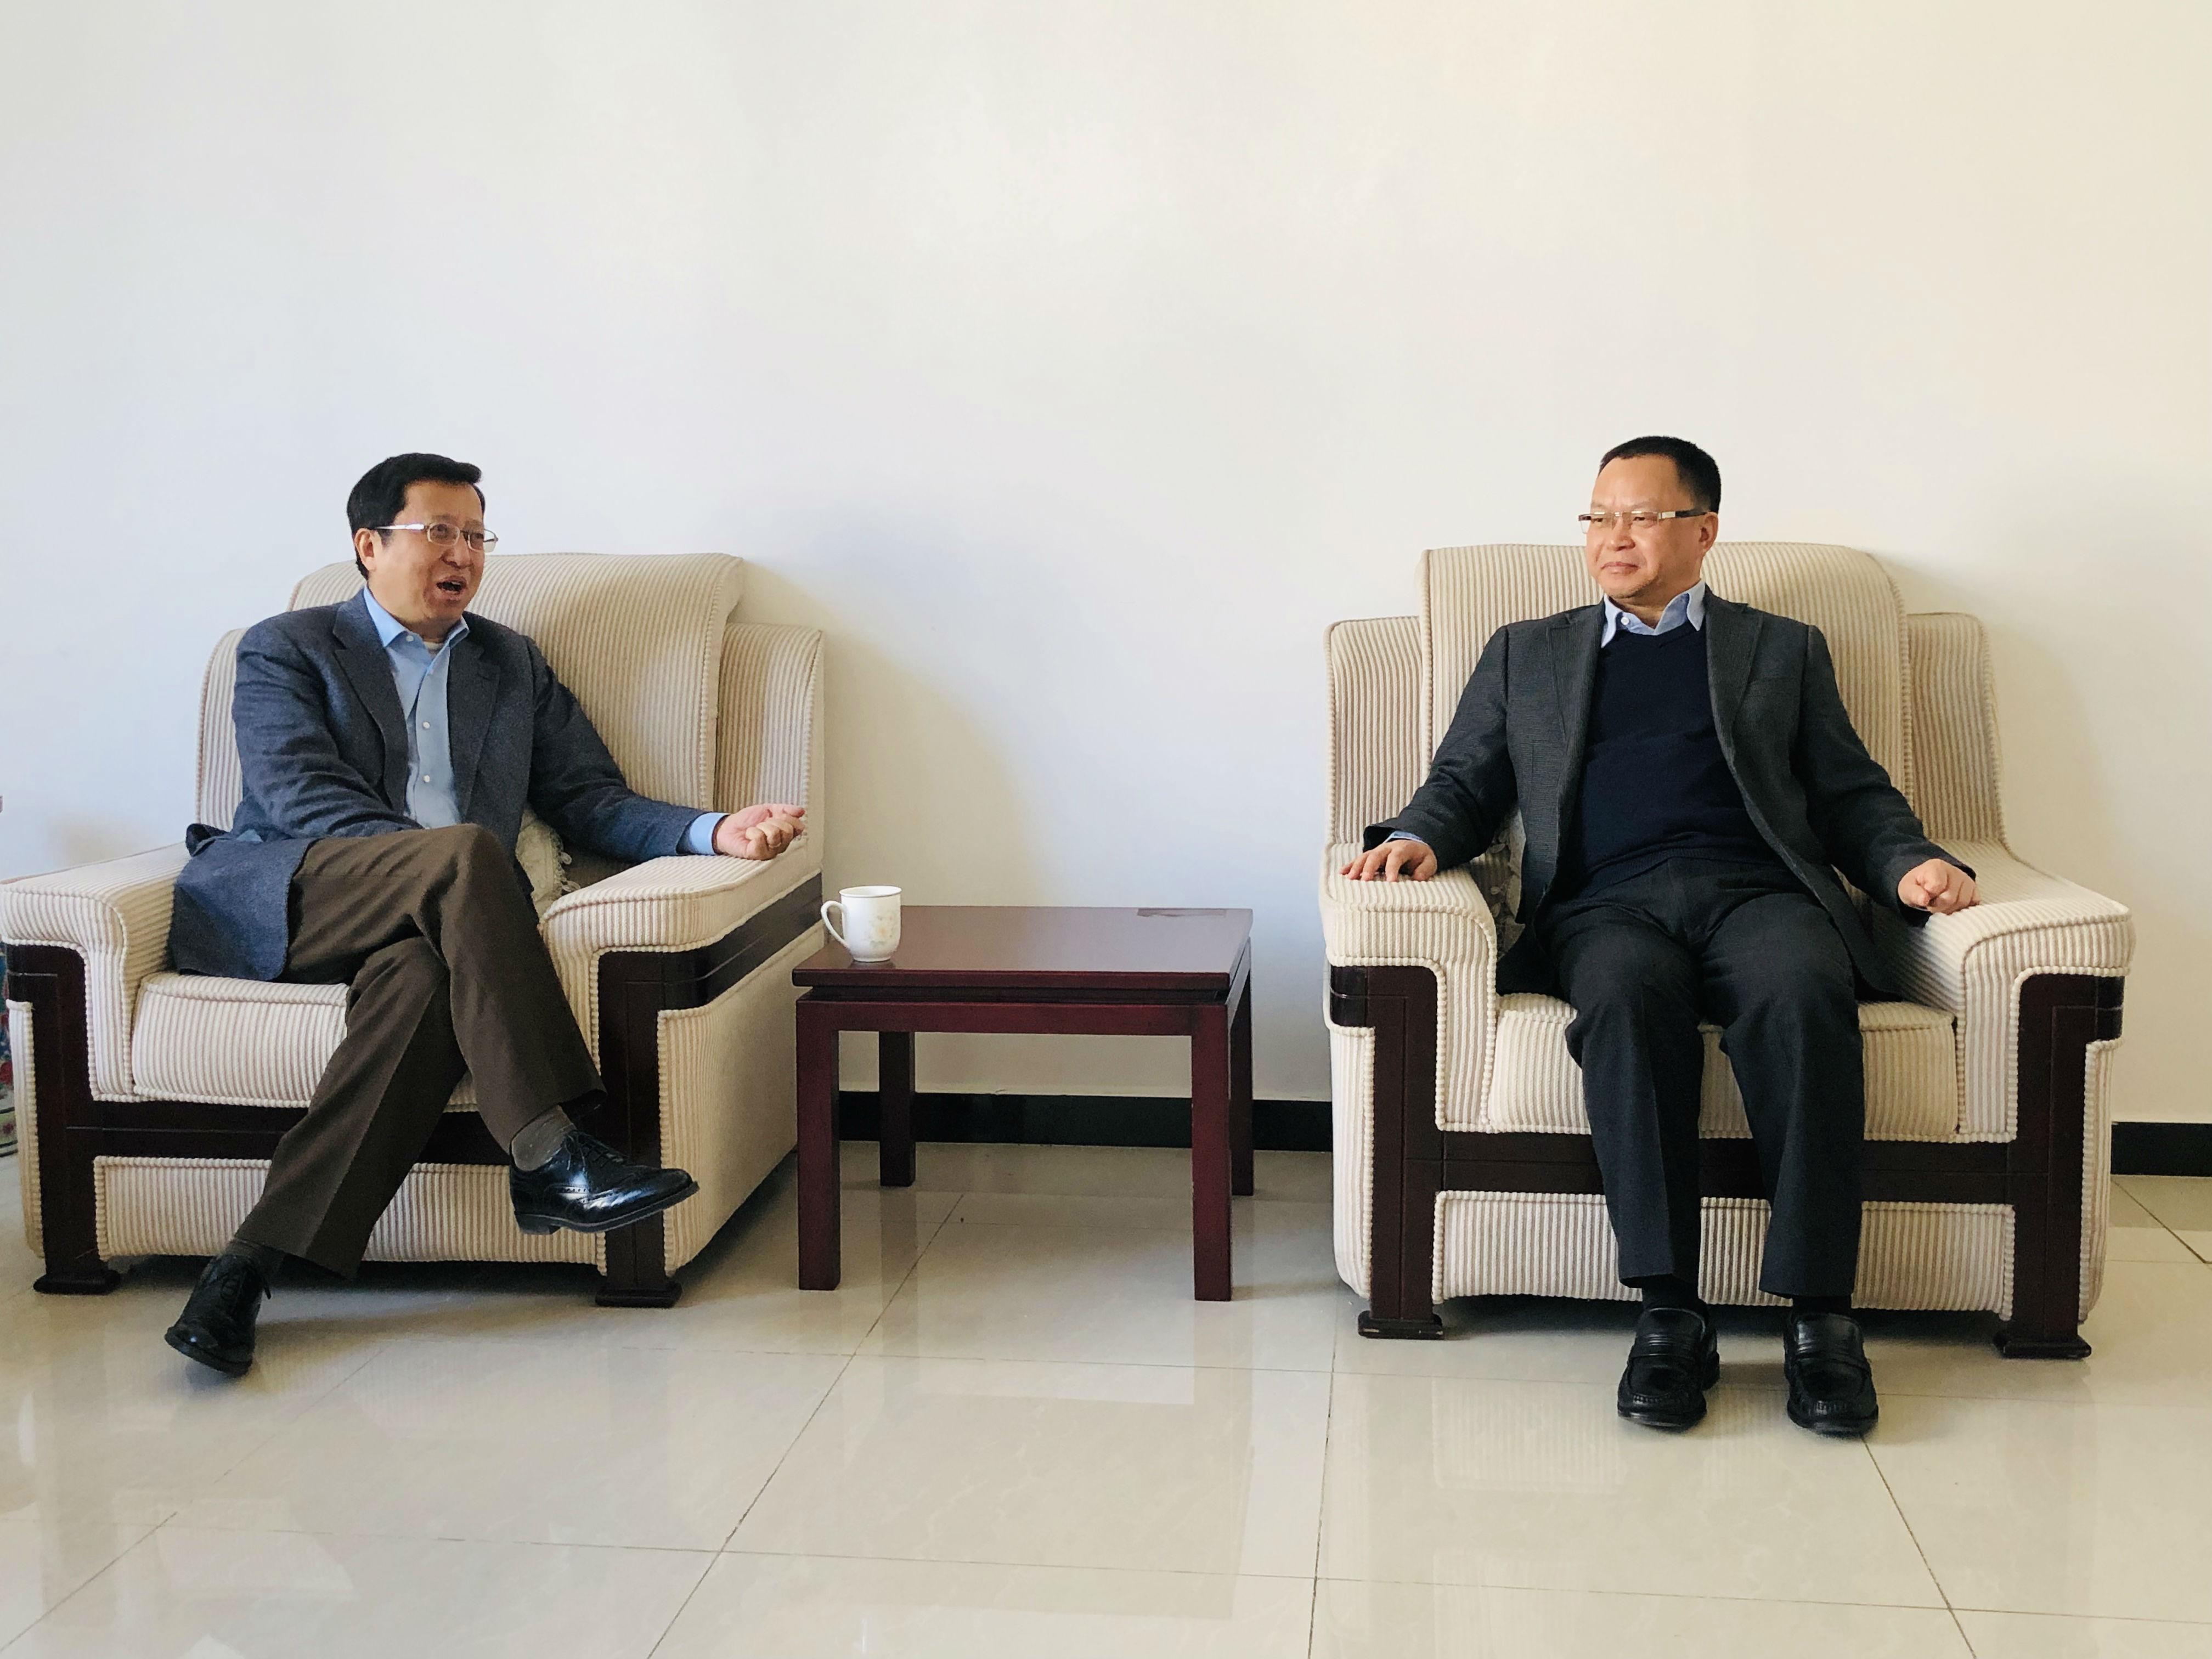 中国外资协会常务副会长曹宏瑛等会见四川眉山市市委书记慕新海一行